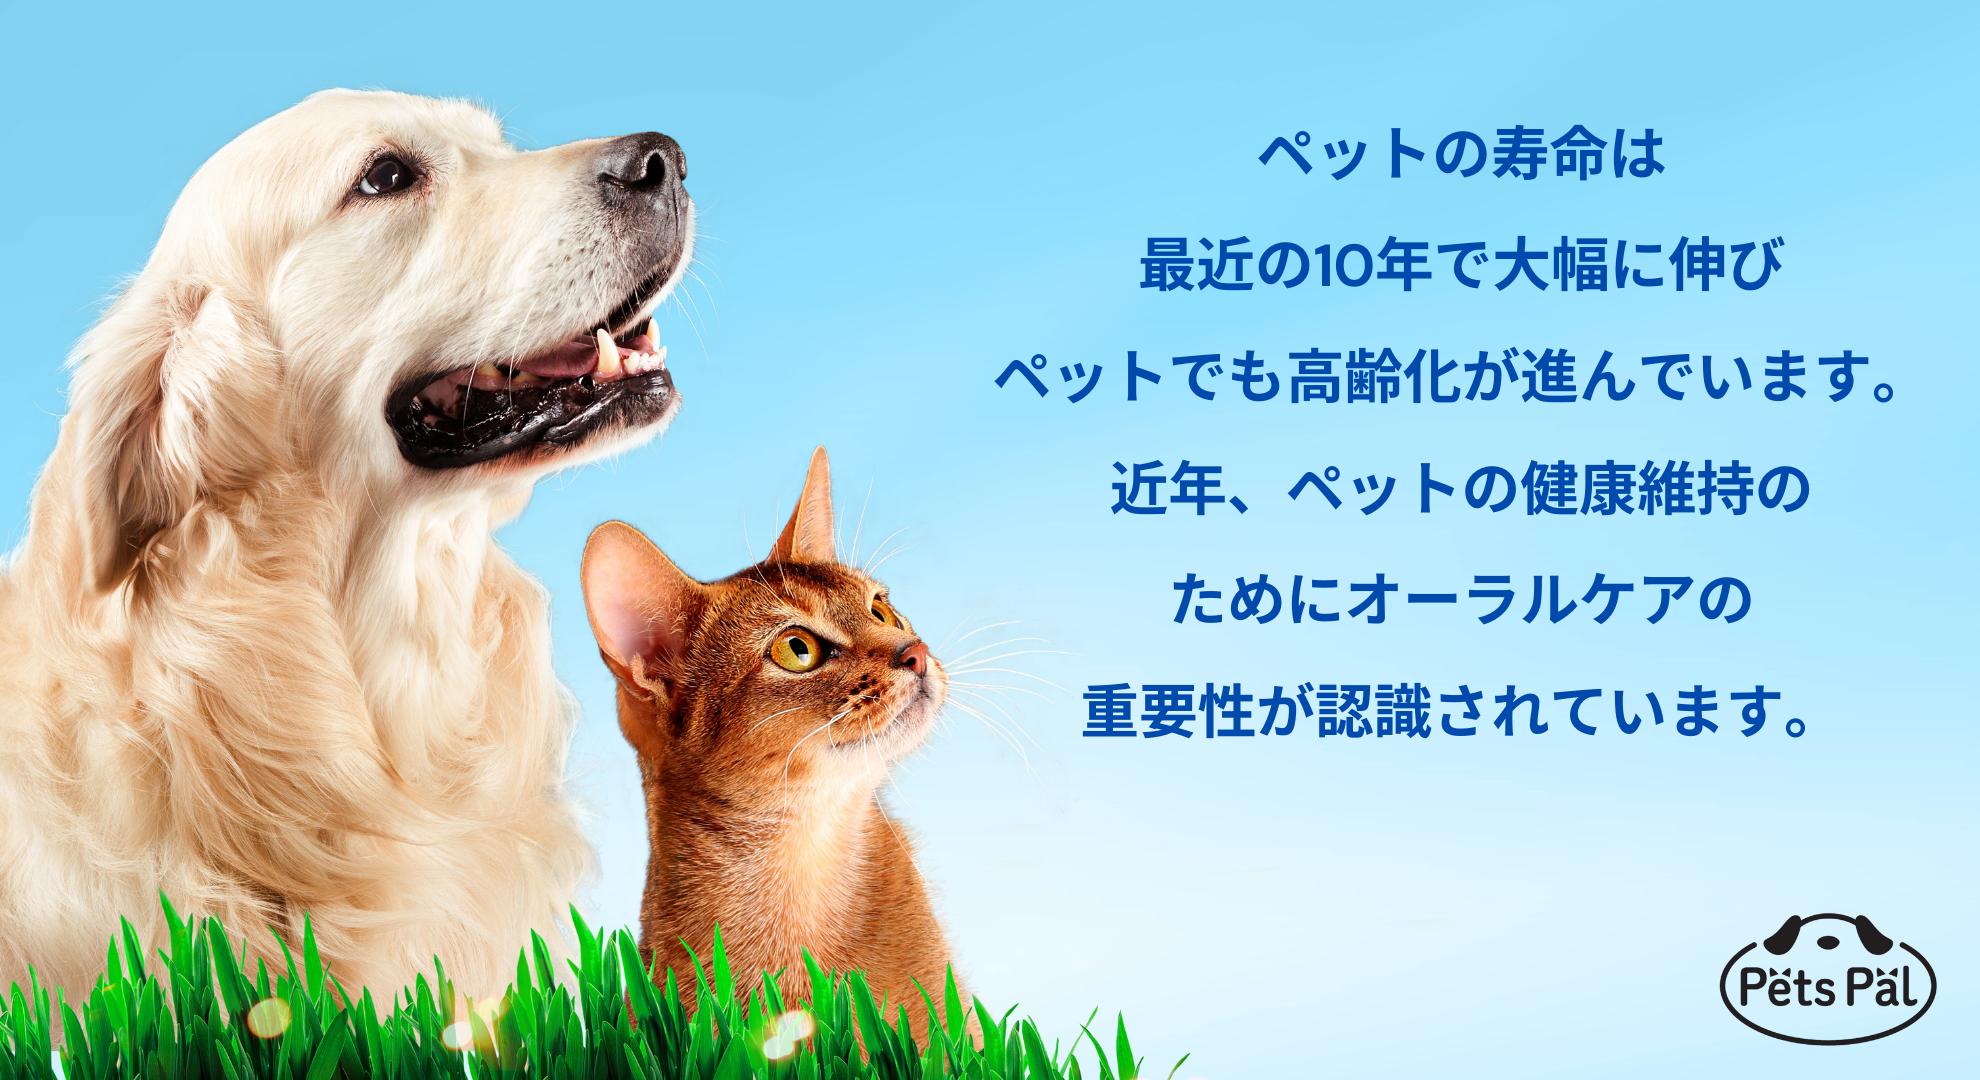 ペットの寿命は最近10年で大幅に伸びペットでも高齢化が進んでいます。近年、ペットの健康寿命のためにオーラルケアの重要性が認識されています。